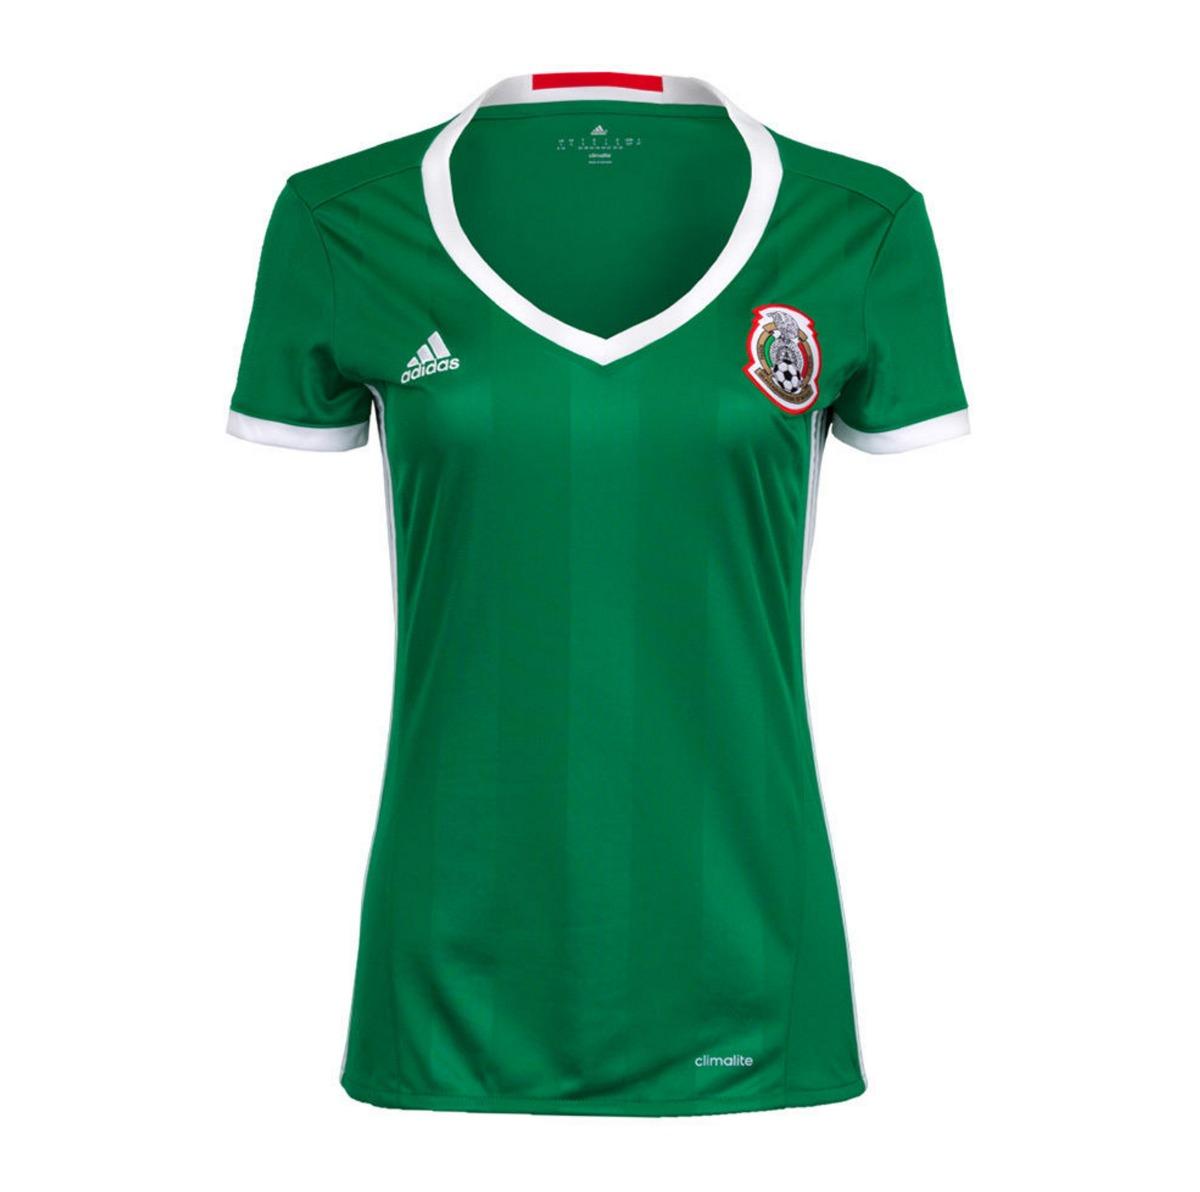 fbd241b2c1ce8 jersey mexico copa america centenario 2016 dama envio gratis. Cargando zoom.